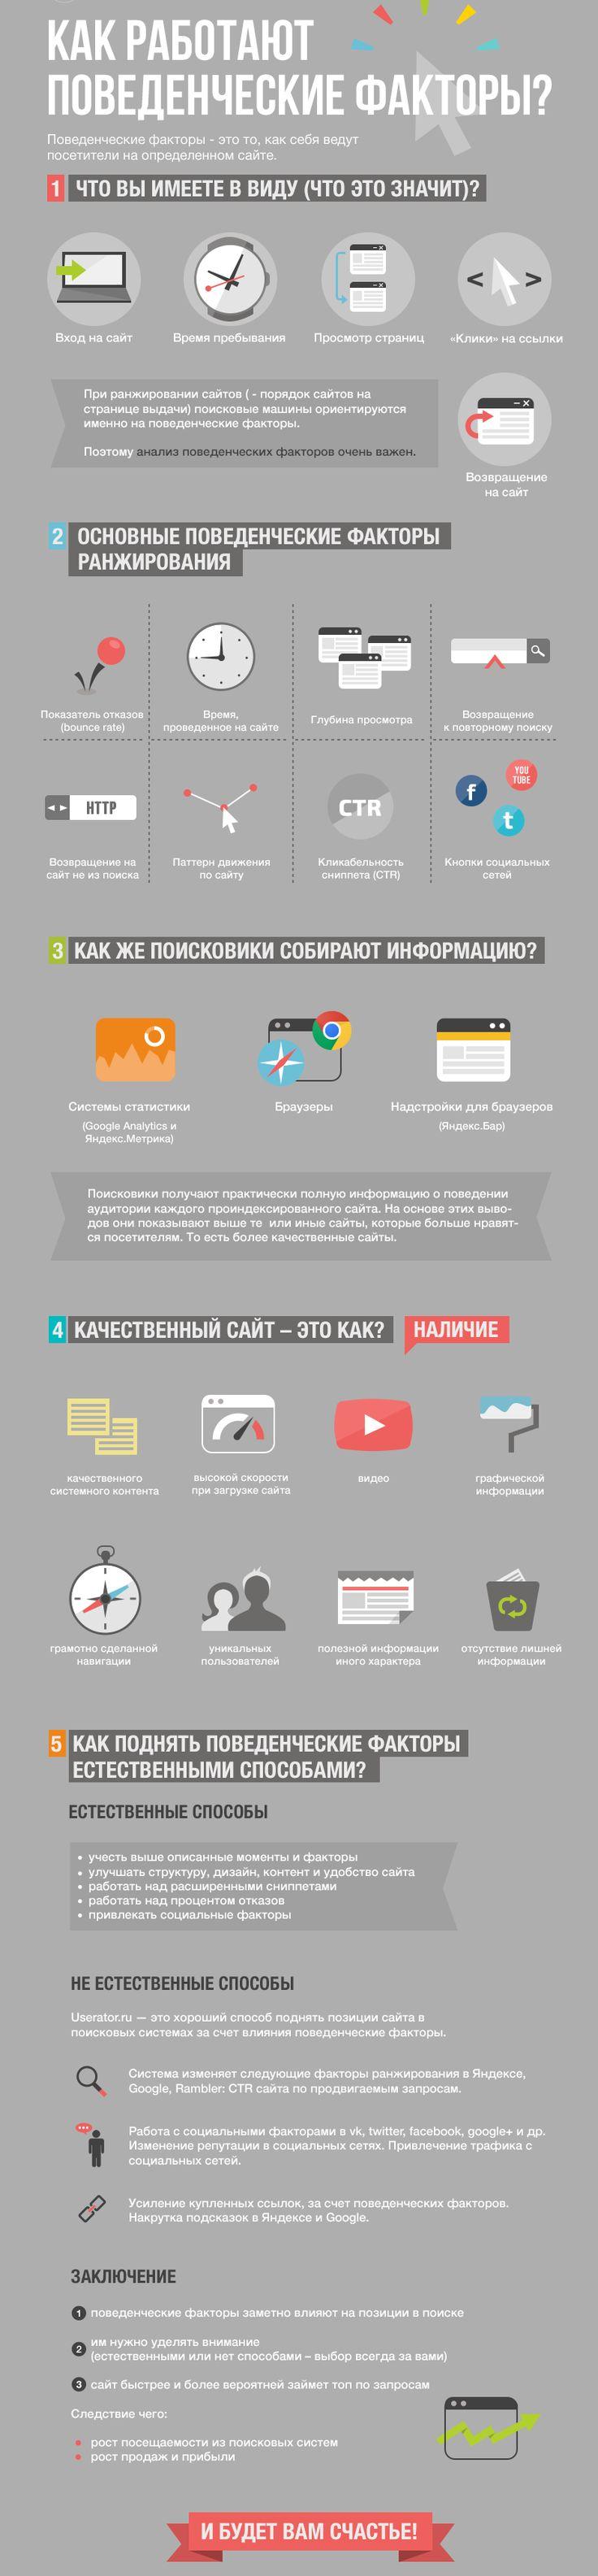 Поведенческие факторы. Как они работают? Инфографика. #Behaviouralfactors #SeoSolution #инфографика #infografika